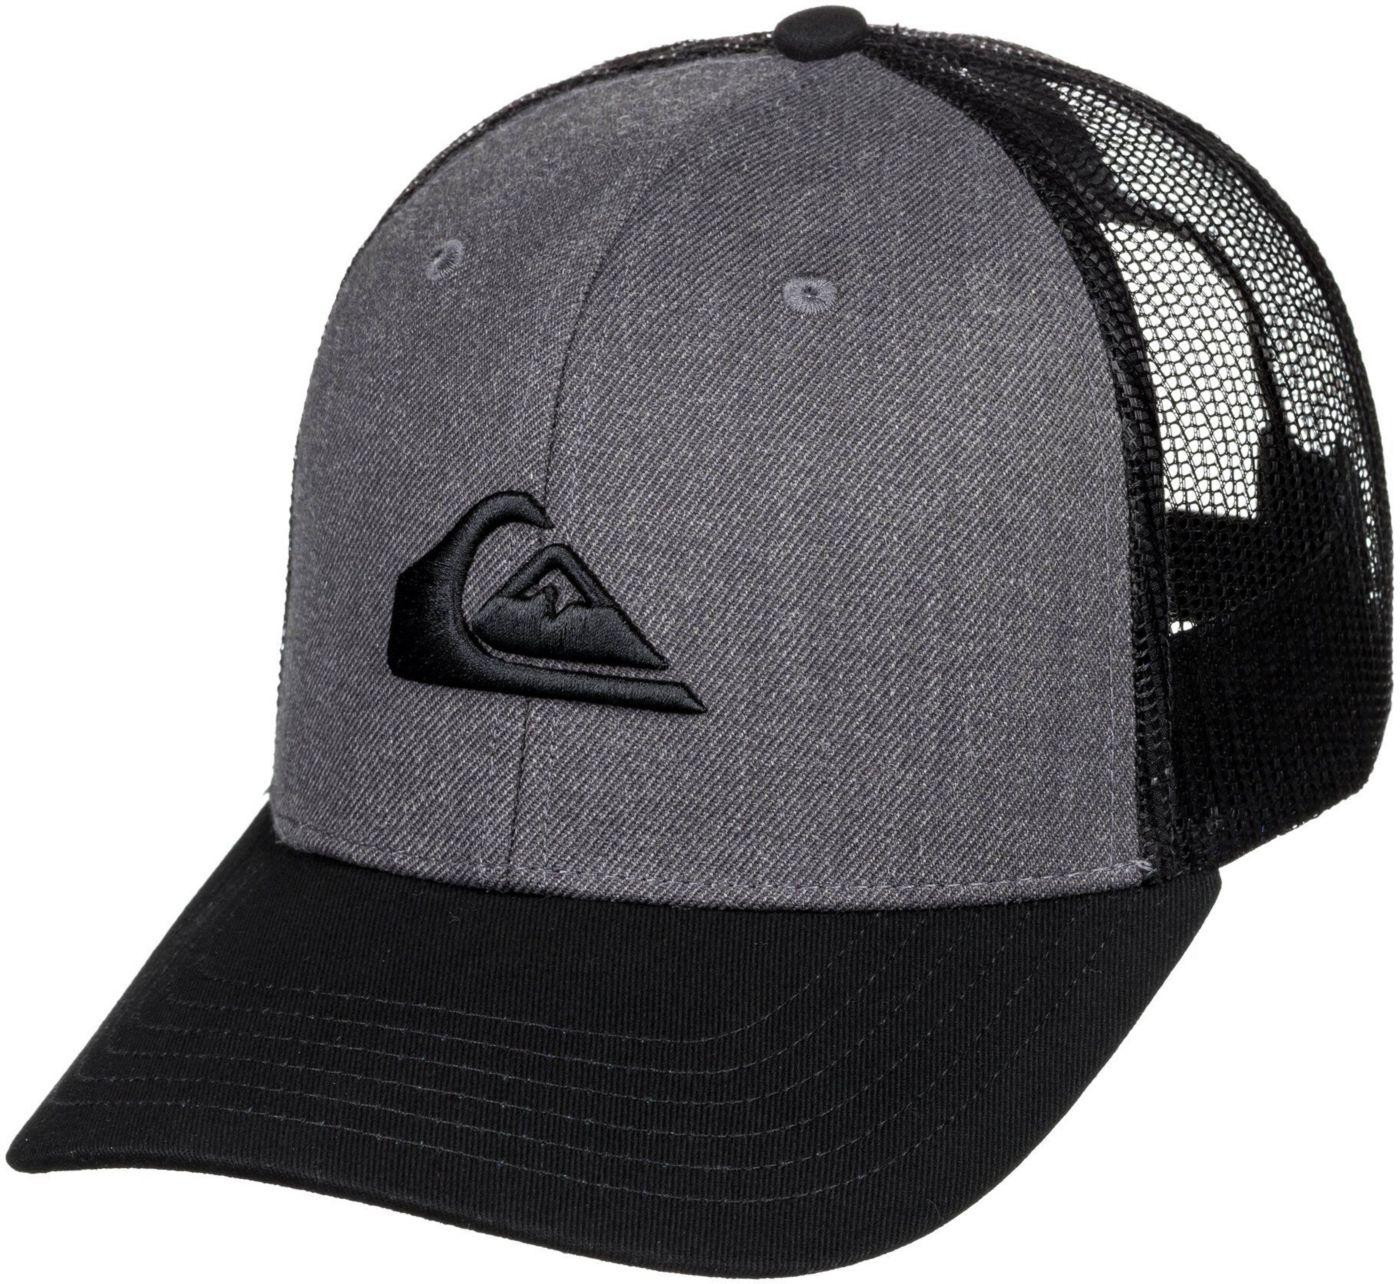 Quiksilver Men's Grounder Trucker Hat